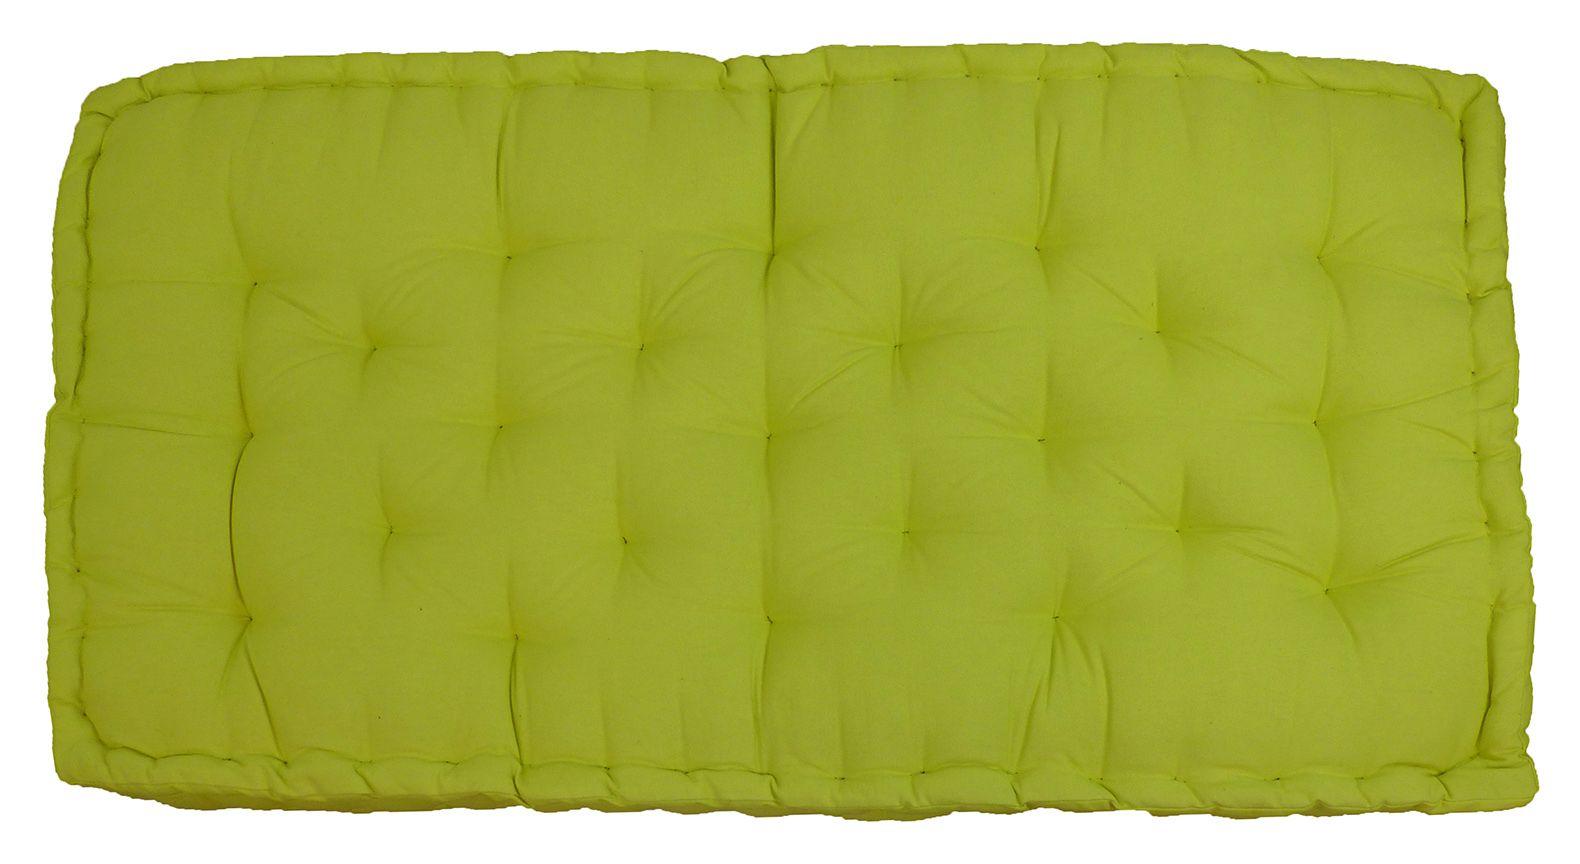 Coussin De Palette En Coton Colore 120 Cm Vert Anis Palette120coton Vra